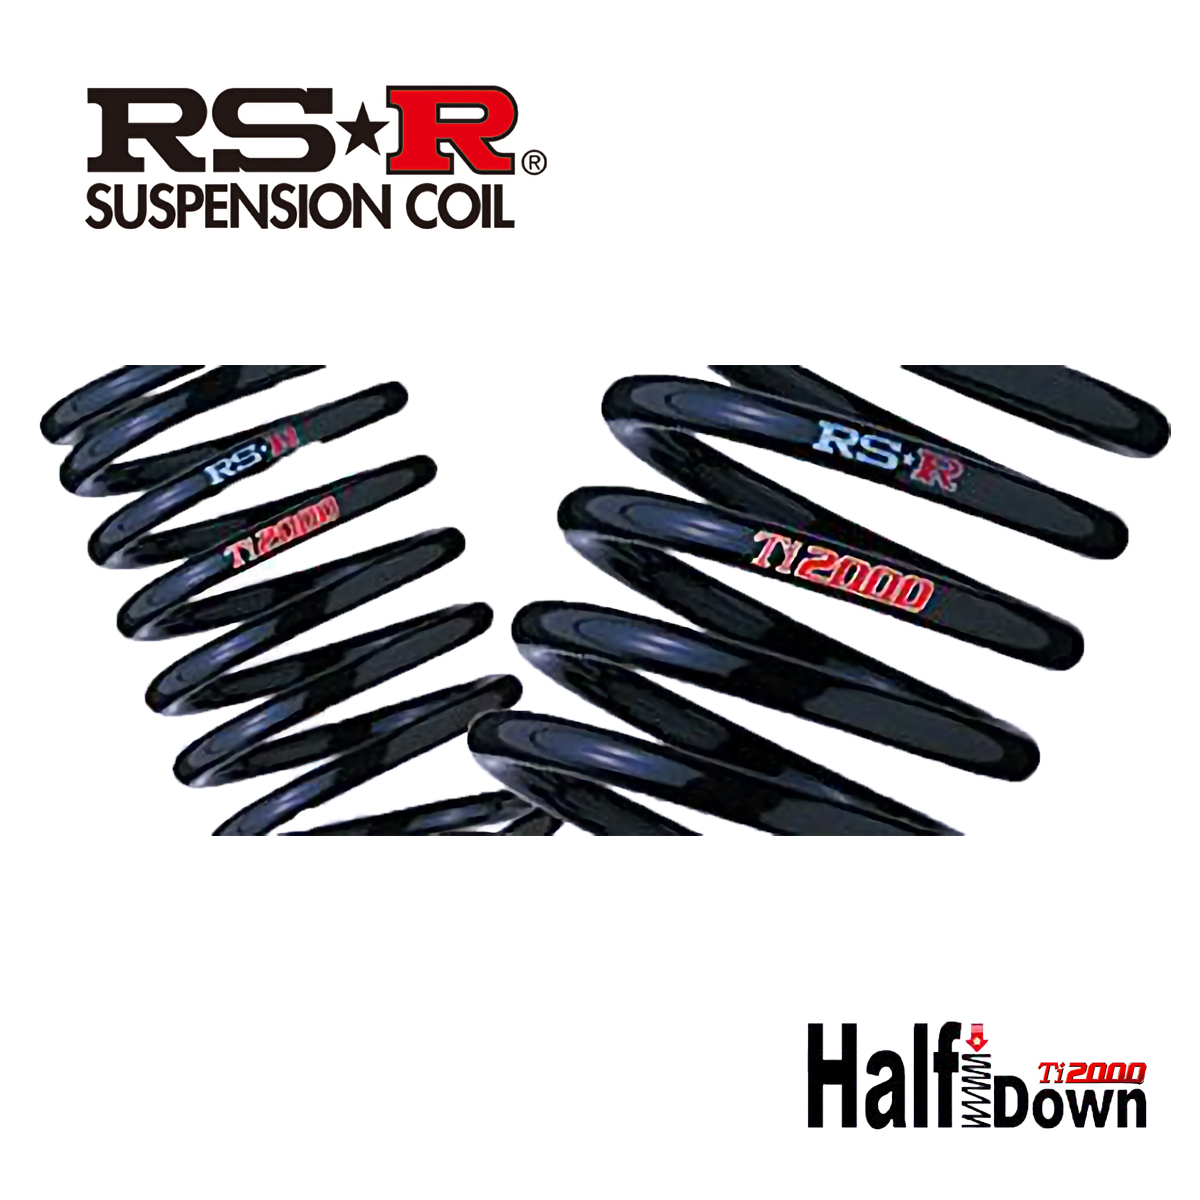 RS-R タンク GS M900A ダウンサス スプリング 1台分 T513THD Ti2000 ハーフダウン RSR 個人宅発送追金有